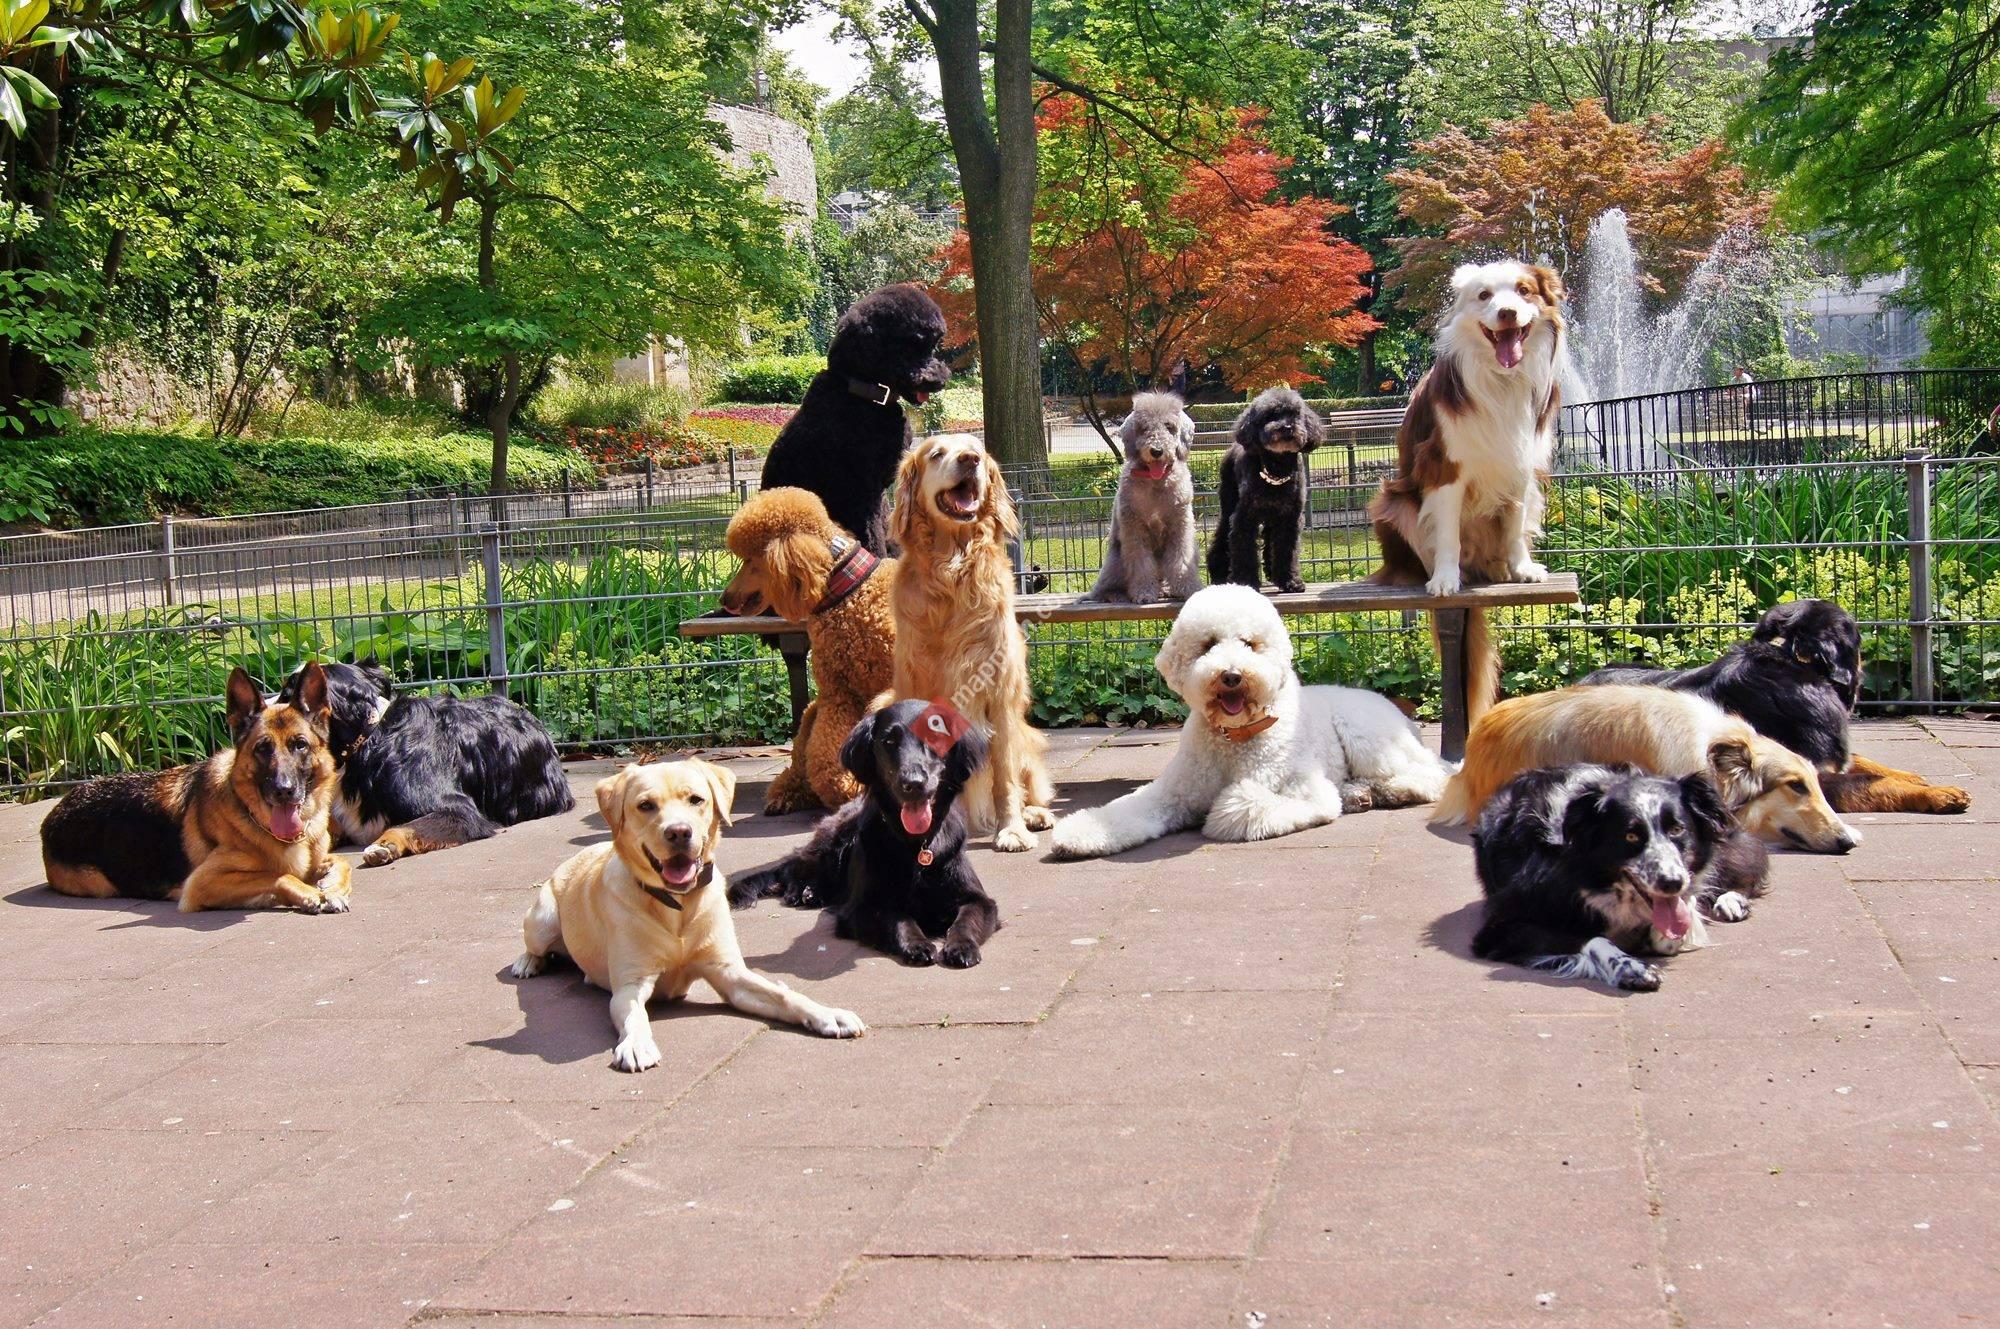 1x1 Hundetraining - Die Hundeschule, die zu Ihnen kommt!